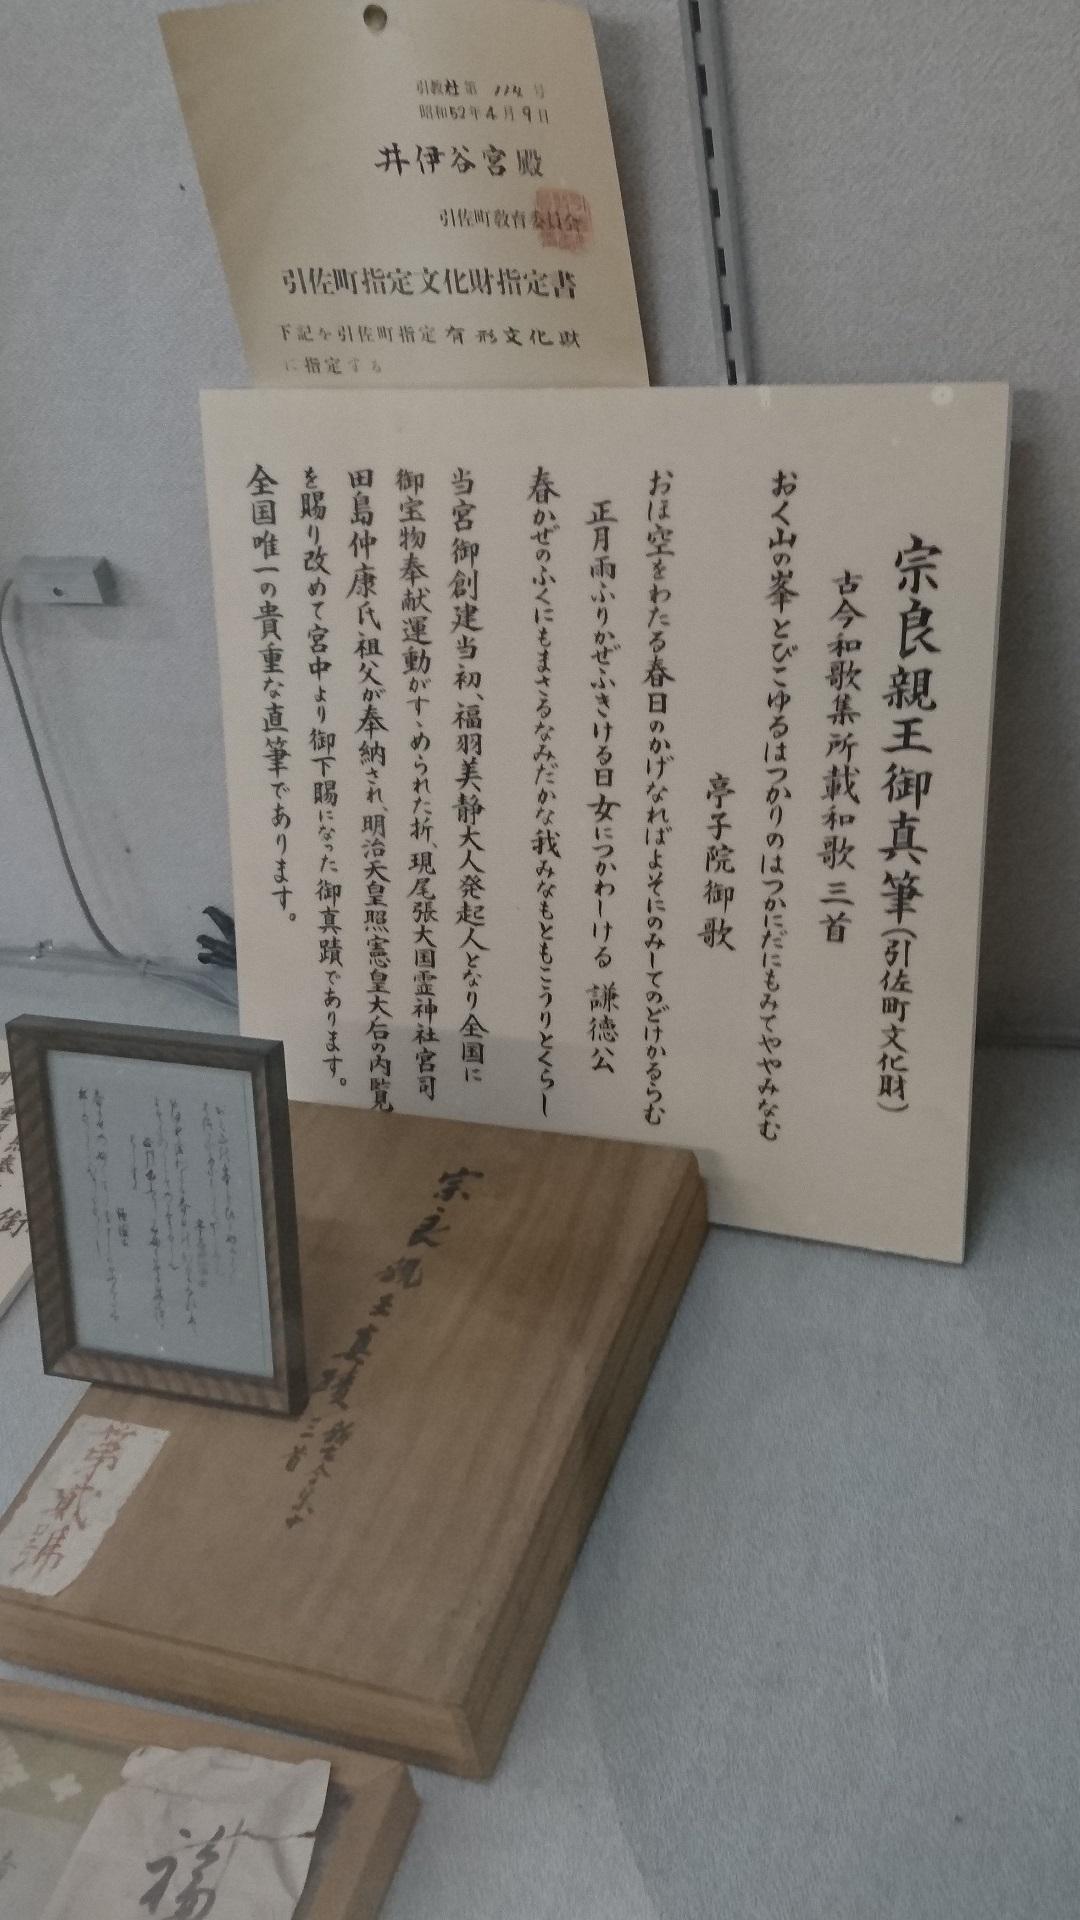 2016.12.23 井伊谷宮 (14) 宗良親王ご真筆 - 解説 1080-1920